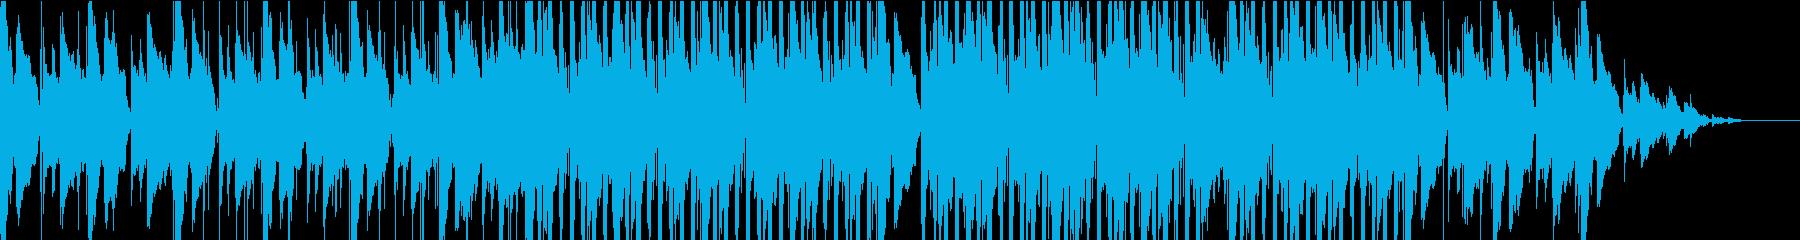 アコギとピアノ 優しいバラードの再生済みの波形